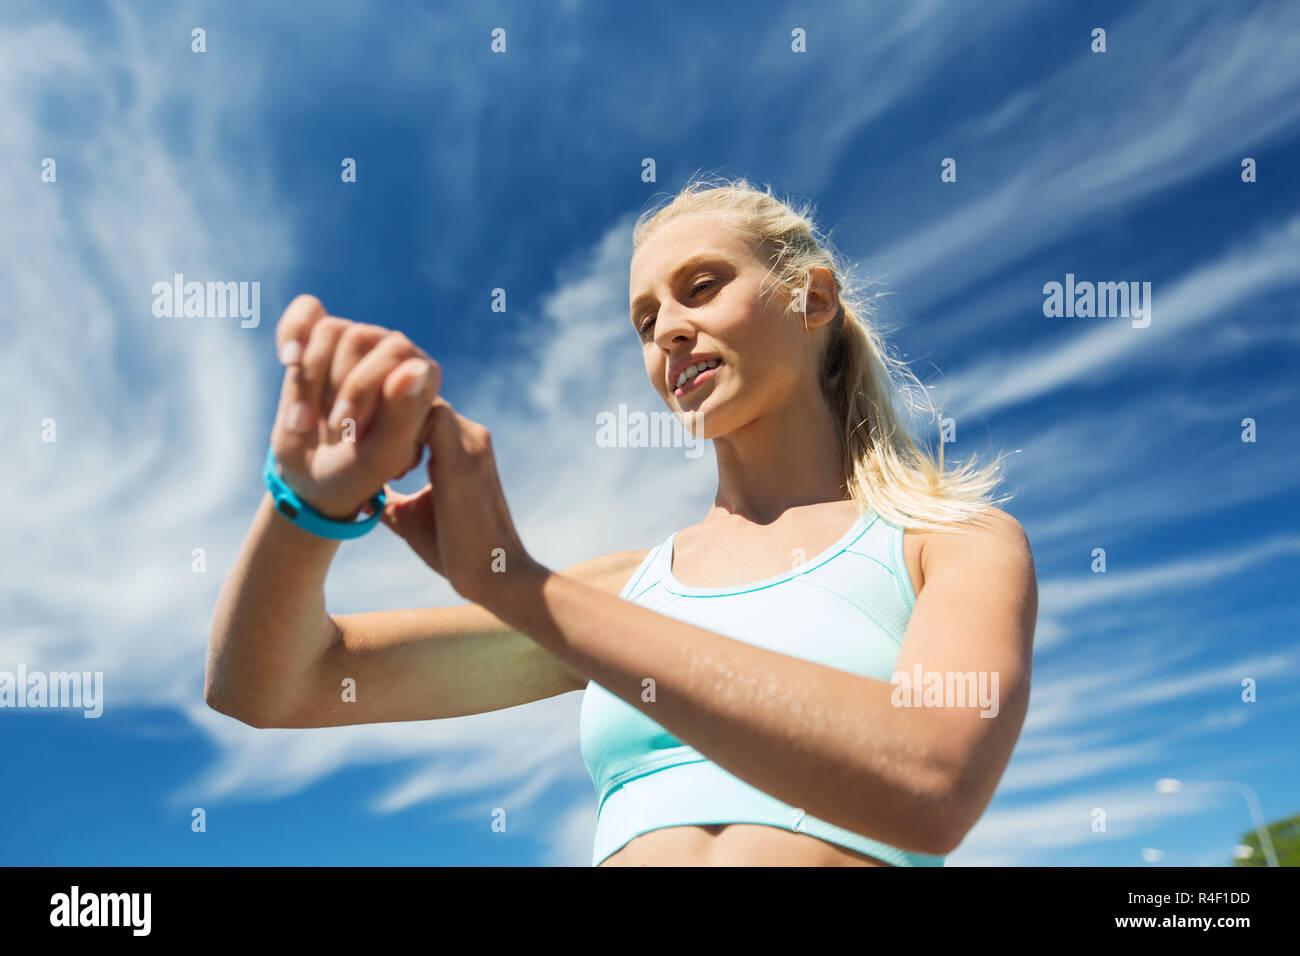 9f702e6e91 glückliche Frau mit Herzfrequenz-Uhr und Kopfhörer Stockfoto, Bild ...